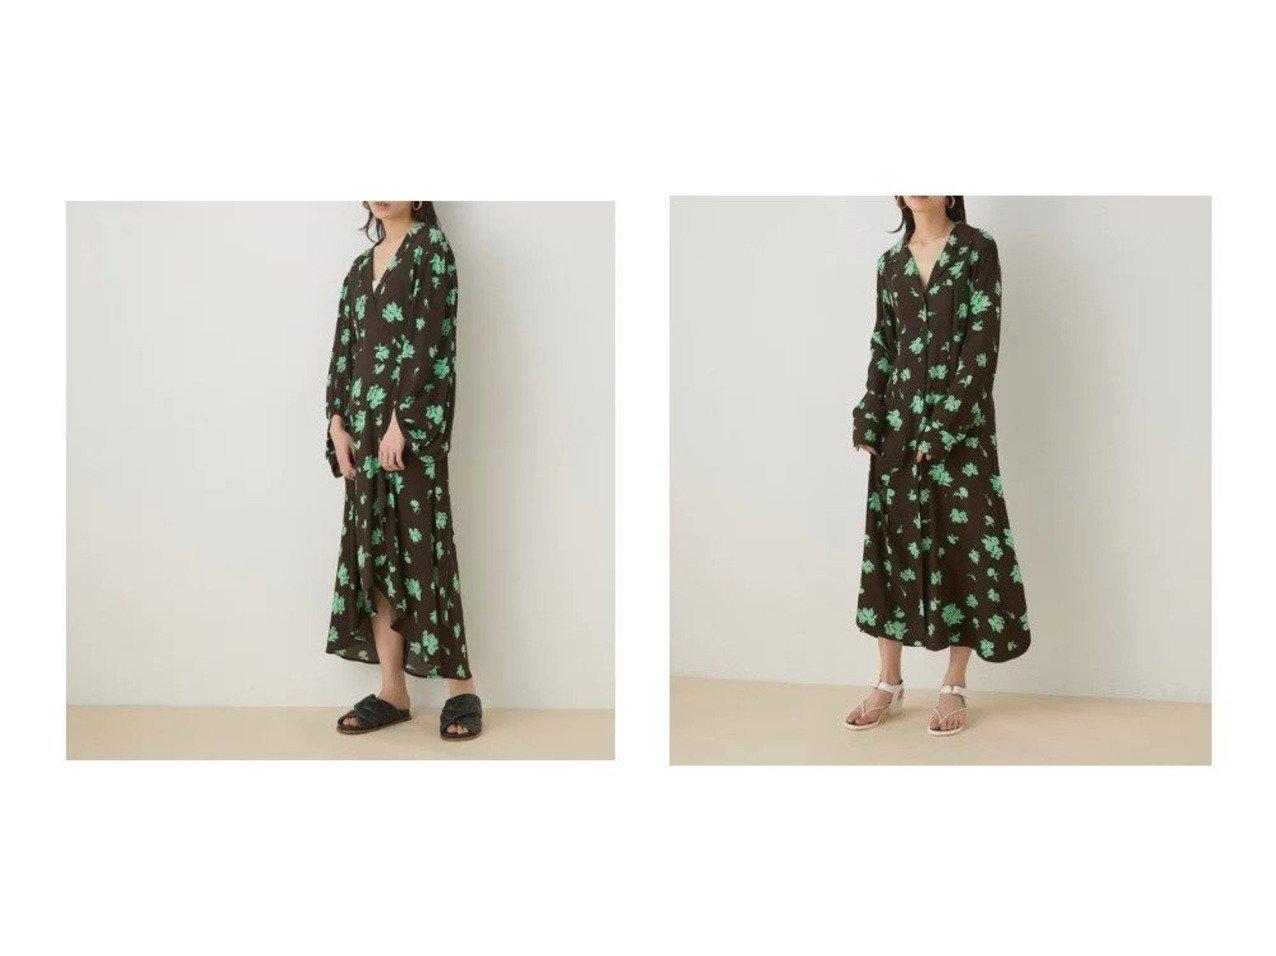 【ADAM ET ROPE'/アダム エ ロペ】の【GANNI】Wrap Dress&【GANNI】Shirt Dress ロペのおすすめ!人気、トレンド・レディースファッションの通販 おすすめで人気の流行・トレンド、ファッションの通販商品 メンズファッション・キッズファッション・インテリア・家具・レディースファッション・服の通販 founy(ファニー) https://founy.com/ ファッション Fashion レディースファッション WOMEN ワンピース Dress ドレス Party Dresses 春 Spring 洗える 軽量 スリット トレンド 長袖 フラワー プリント ベーシック ポケット 羽織 モチーフ |ID:crp329100000020681